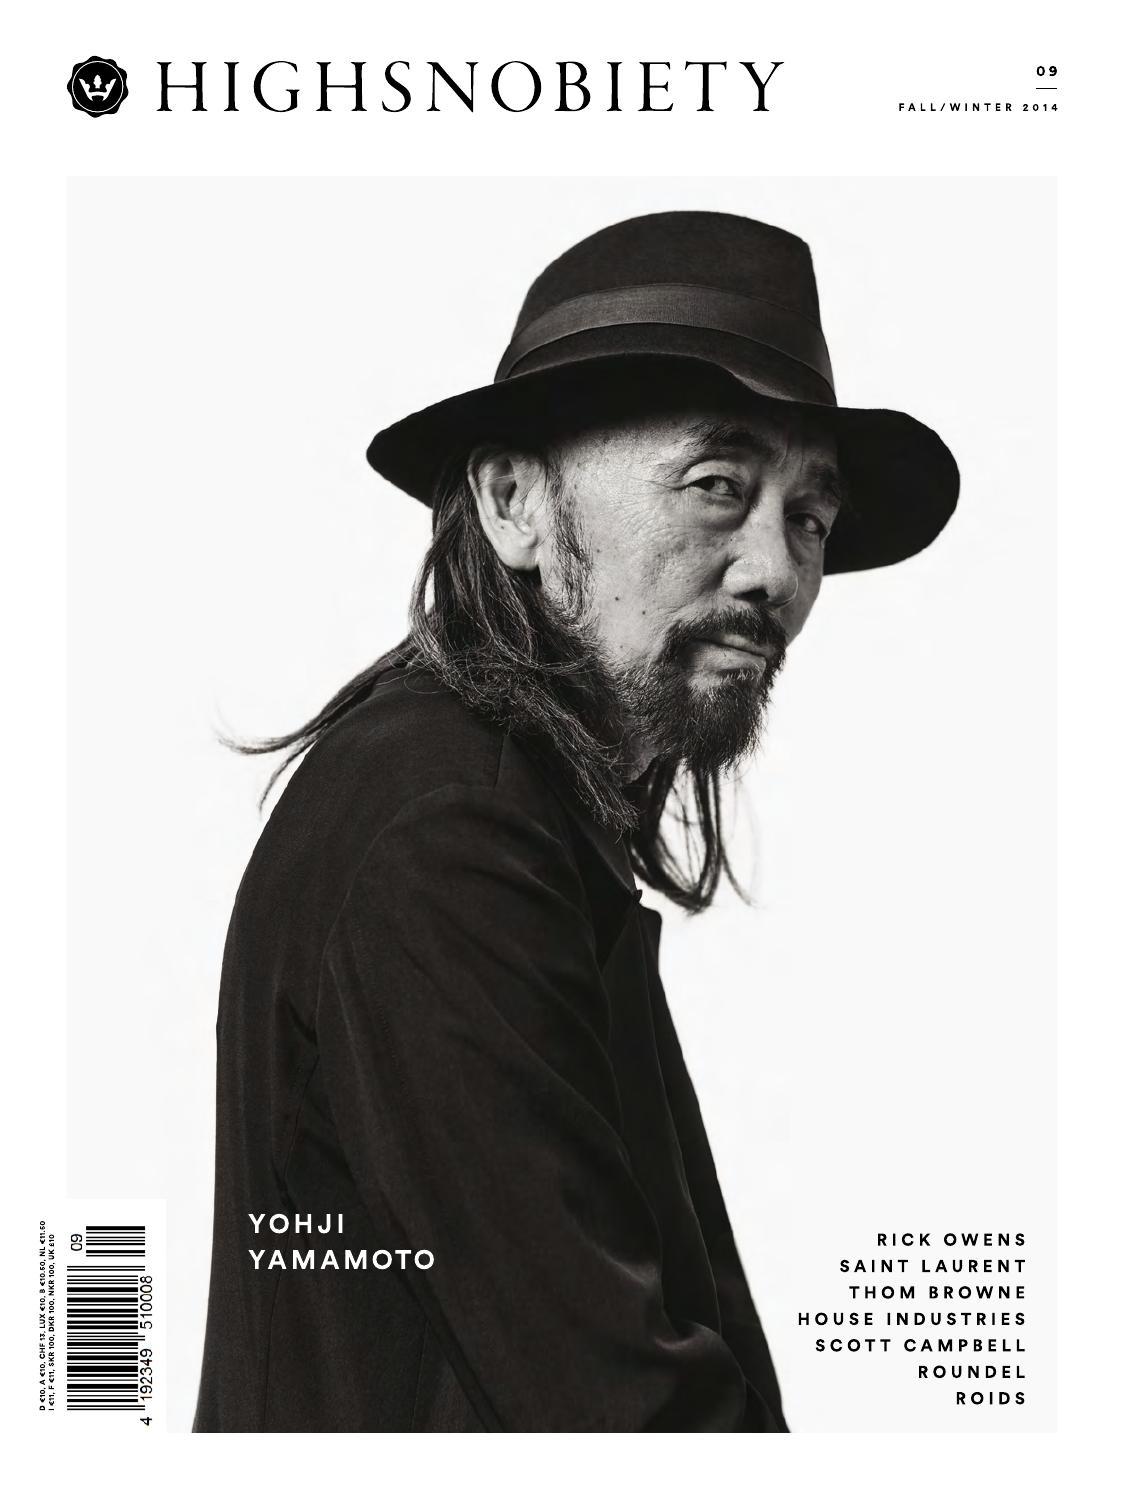 9c59da585c89 Highsnobiety Magazine 09 - Winter 2014 by HIGHSNOBIETY - issuu